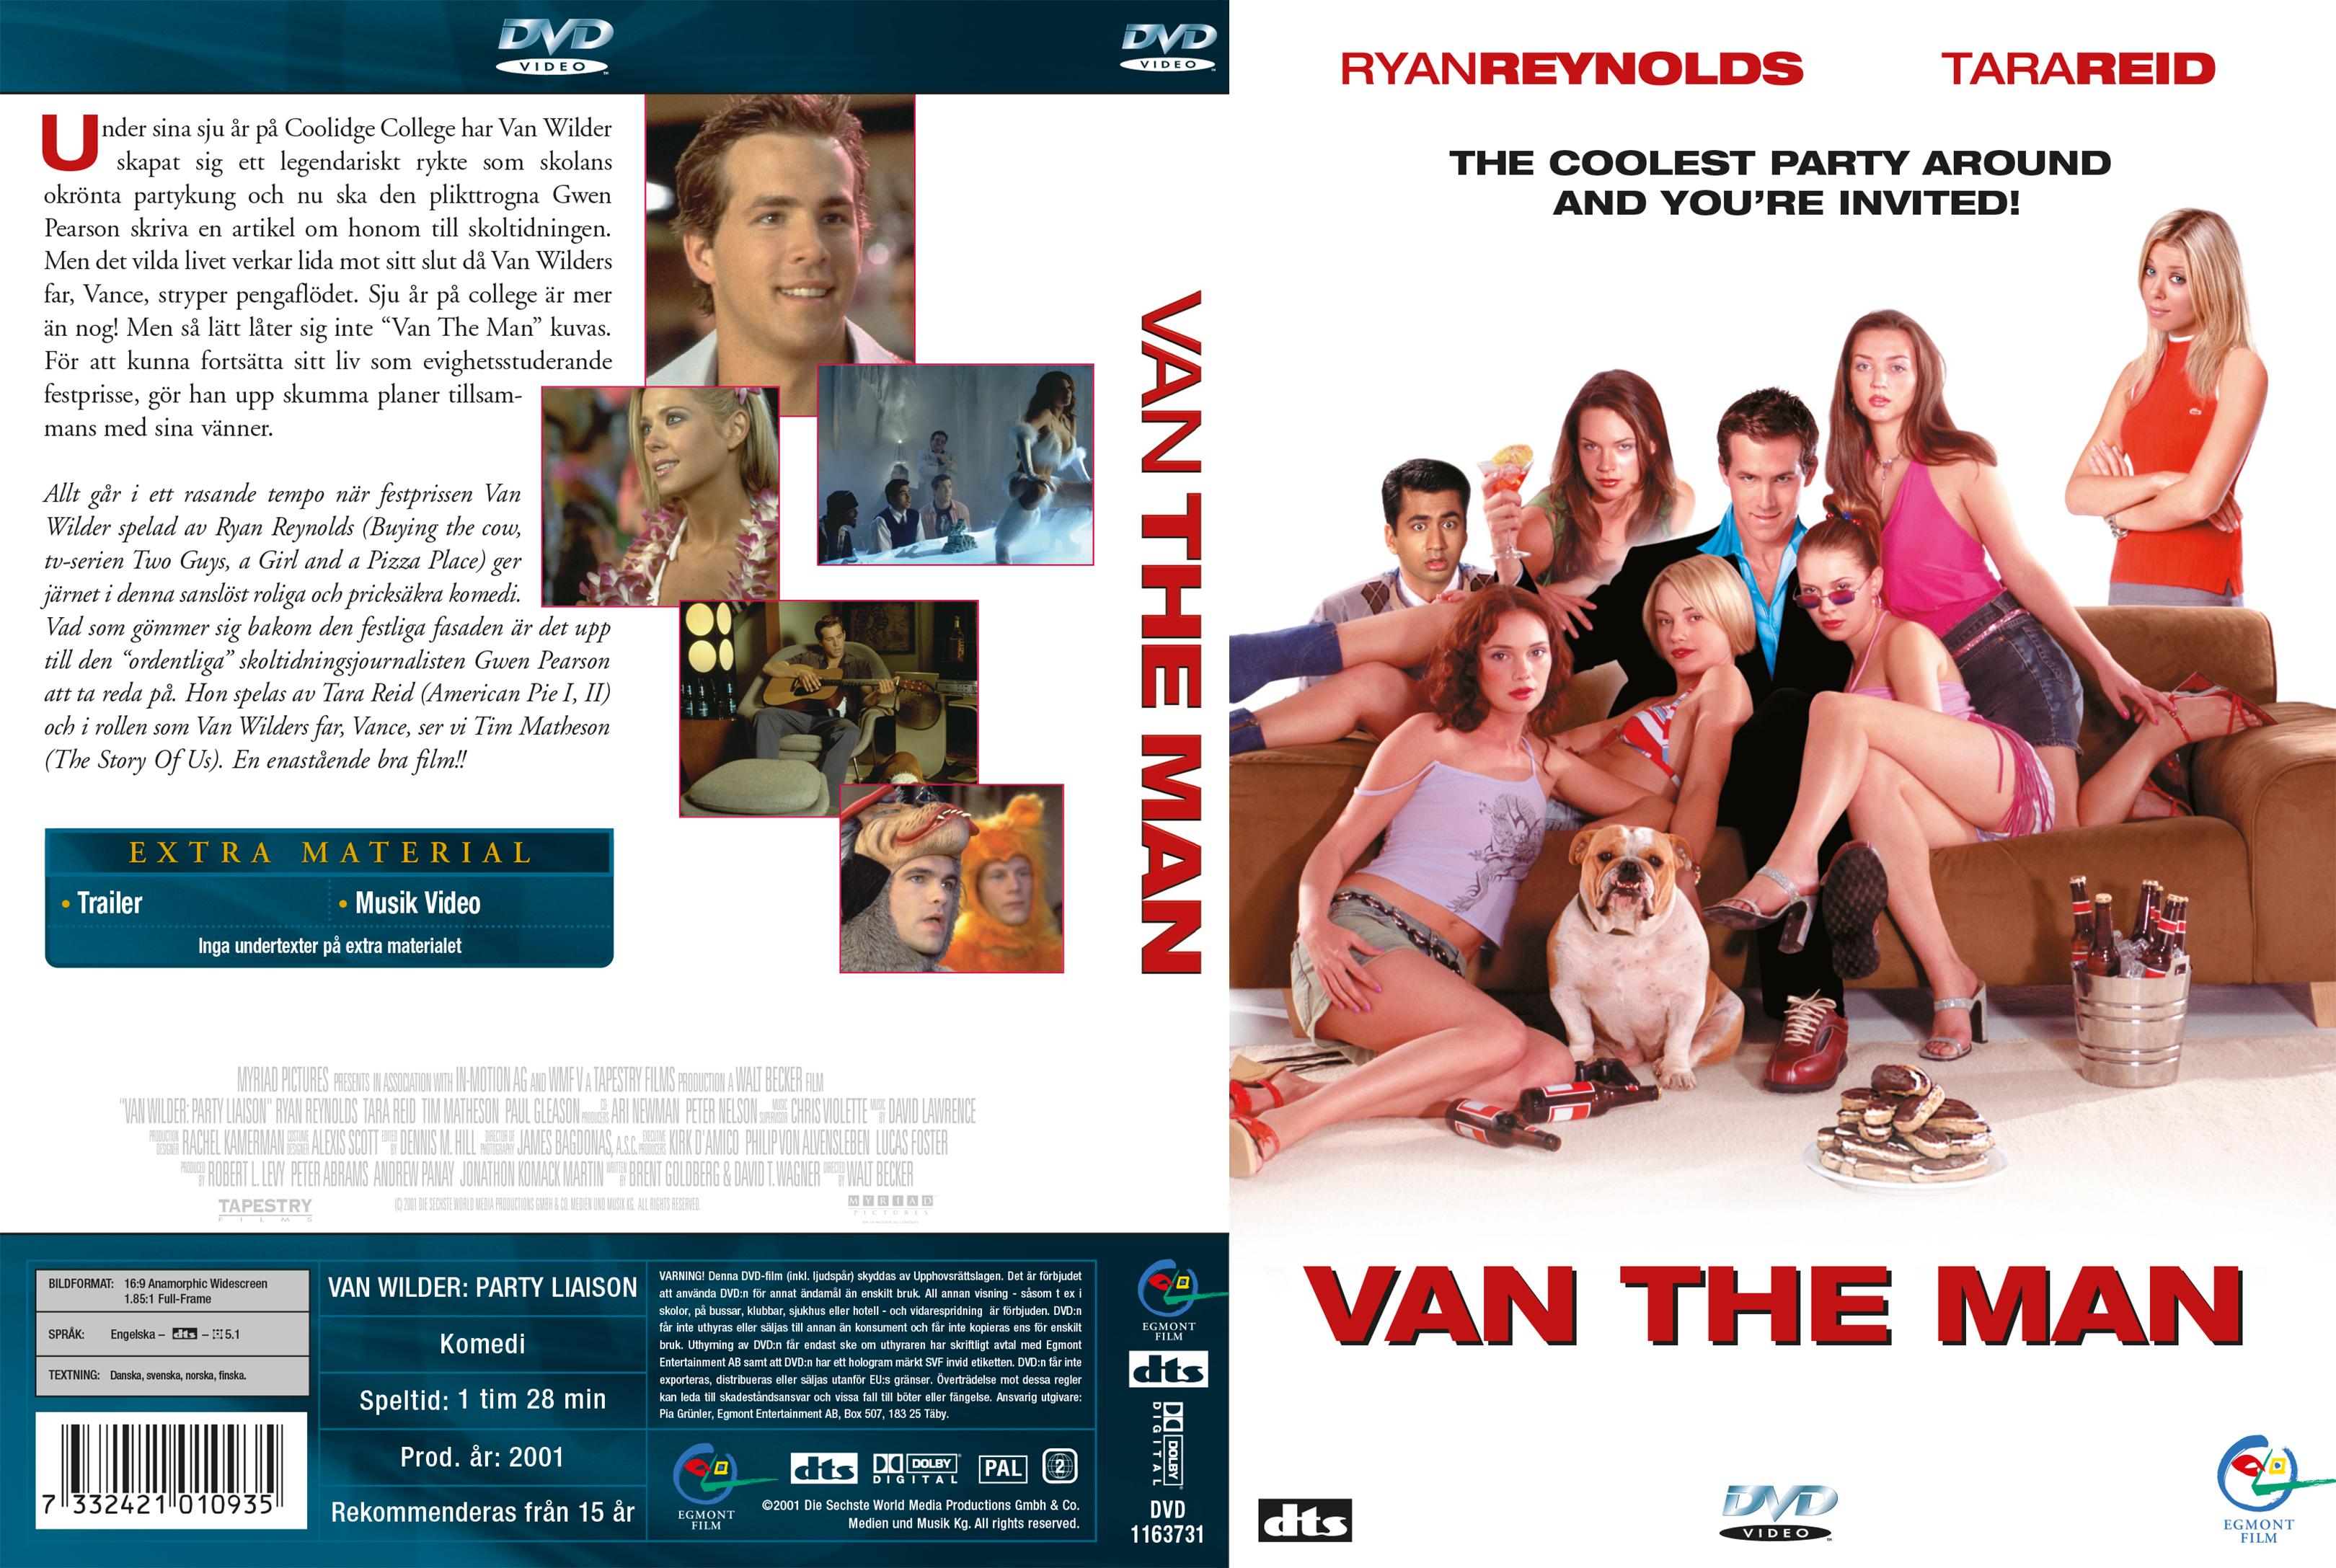 In the picture van wilder